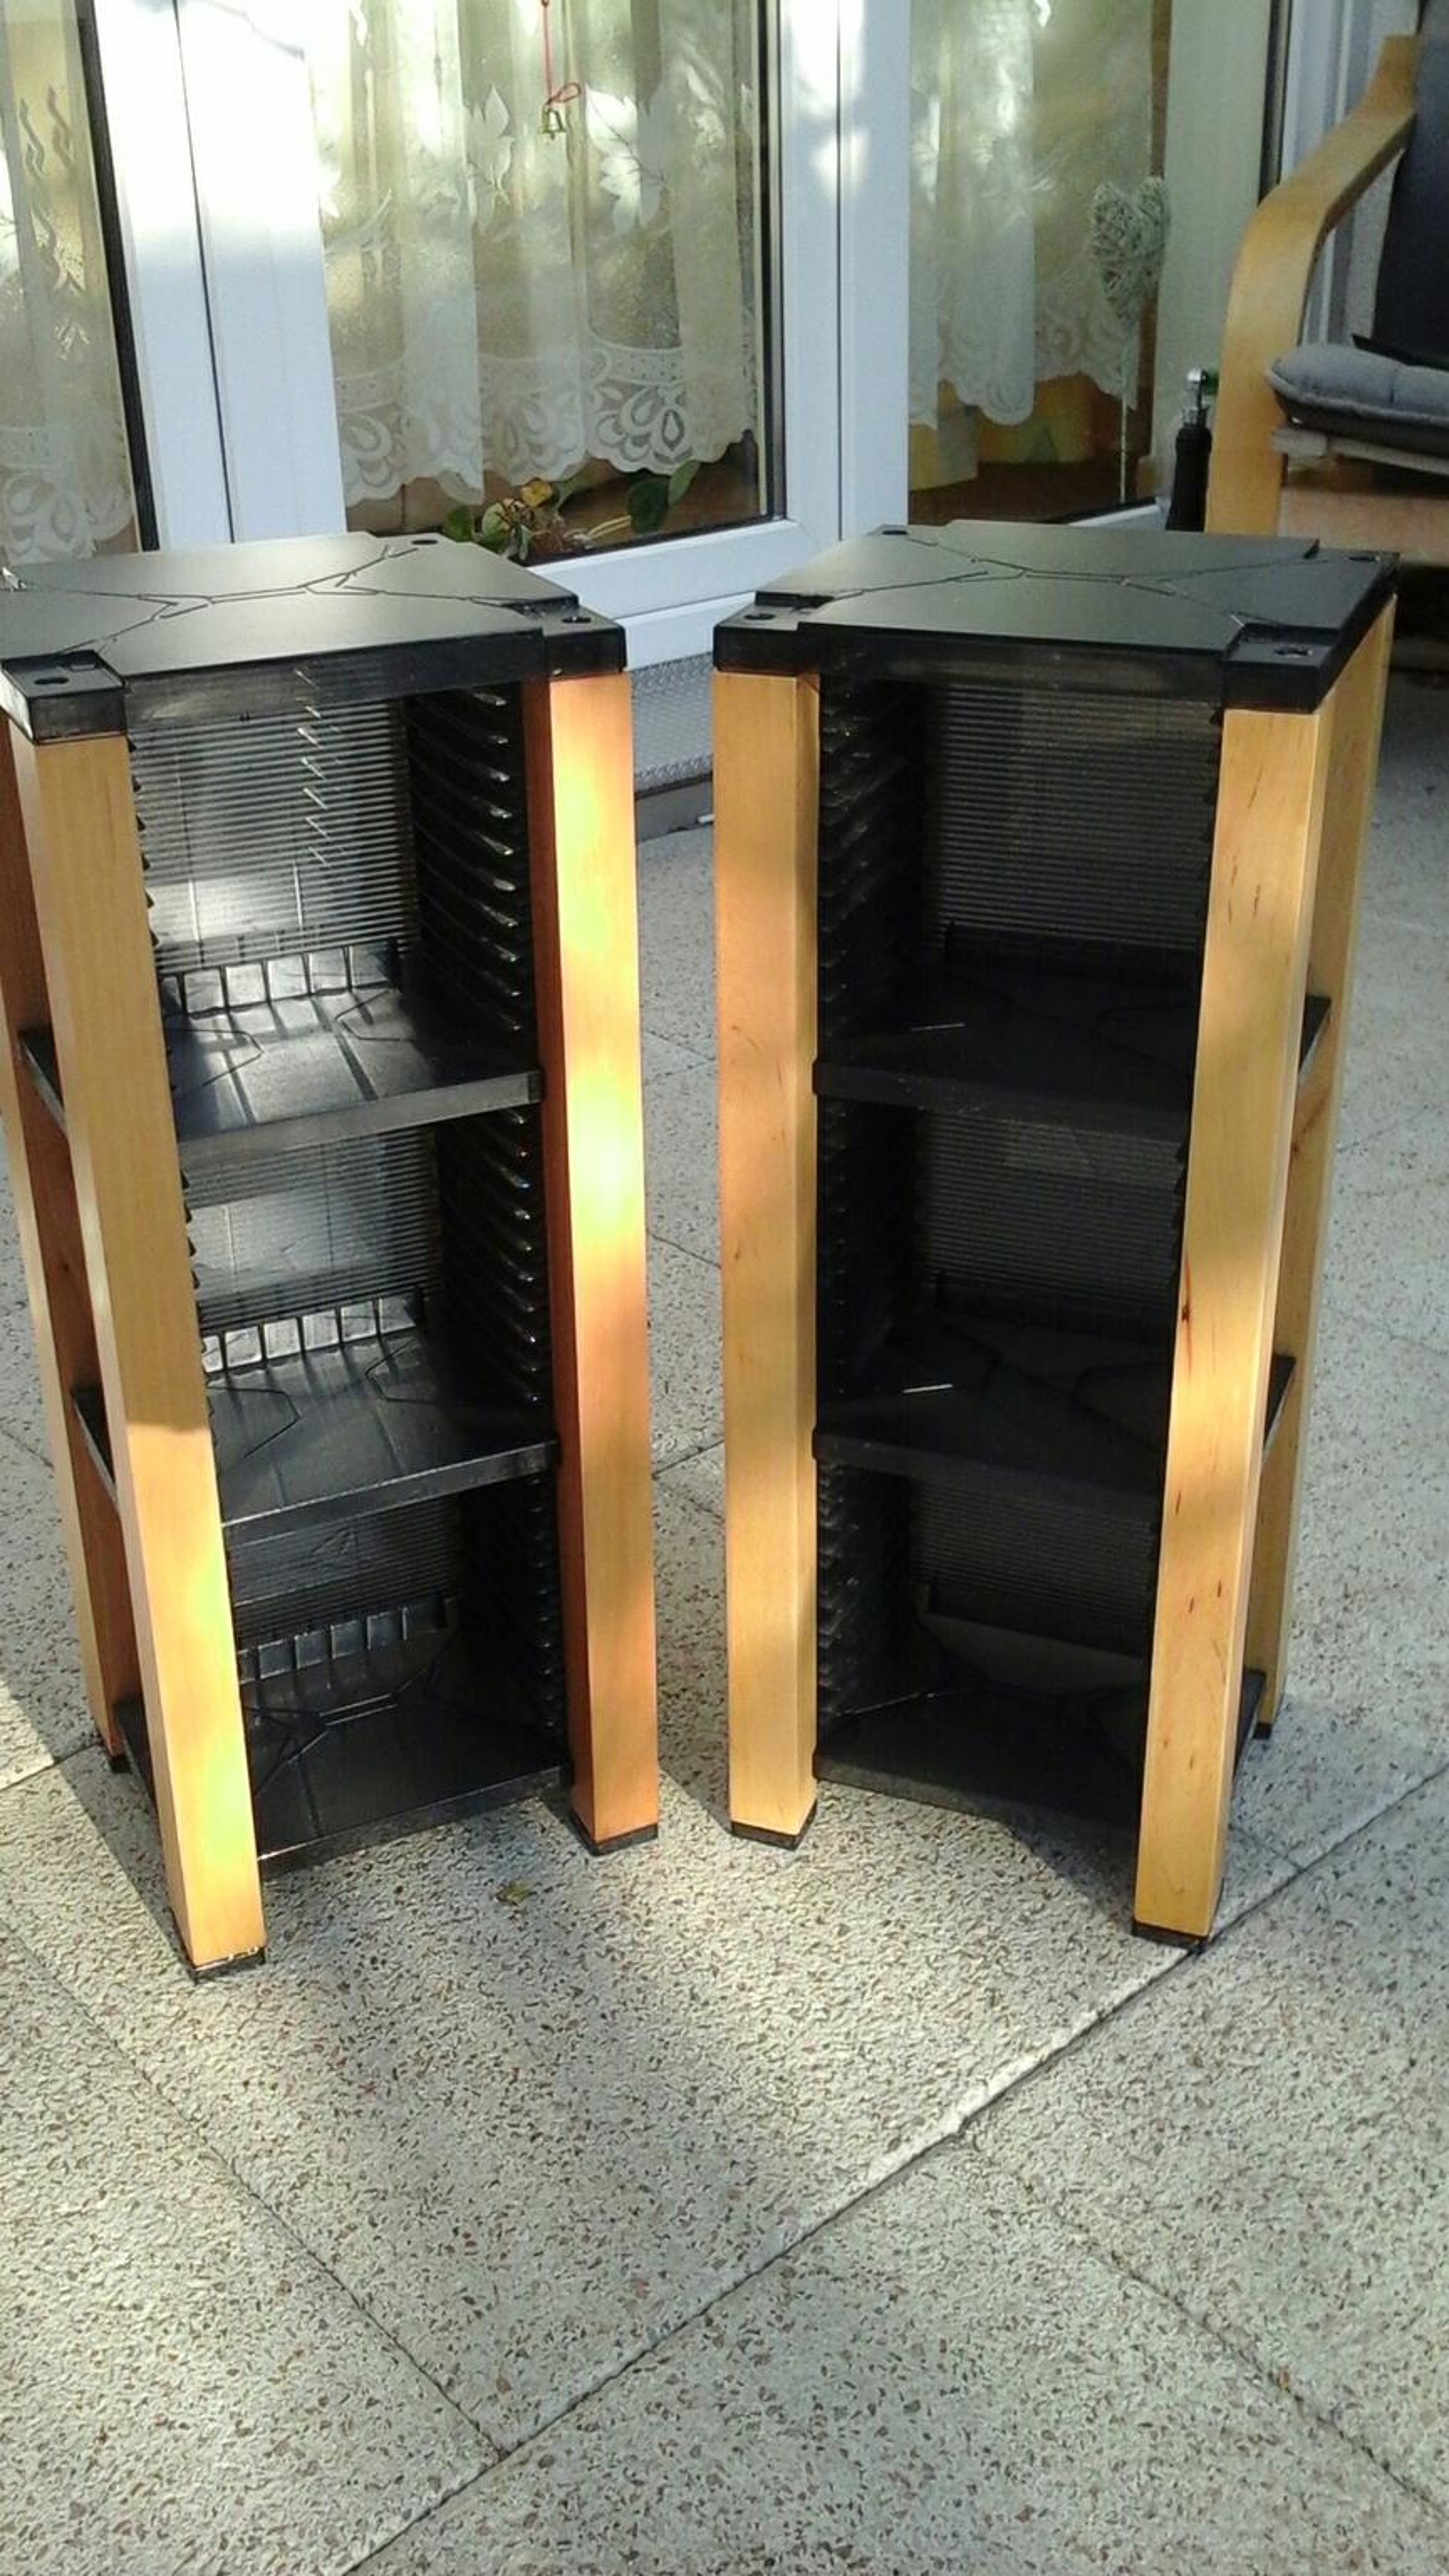 Küchenzeile Gebraucht Frankfurt Main ~ gebraucht 2cd regale in 65929 frankfurt am main um u20ac 18 00 u2013 shpock